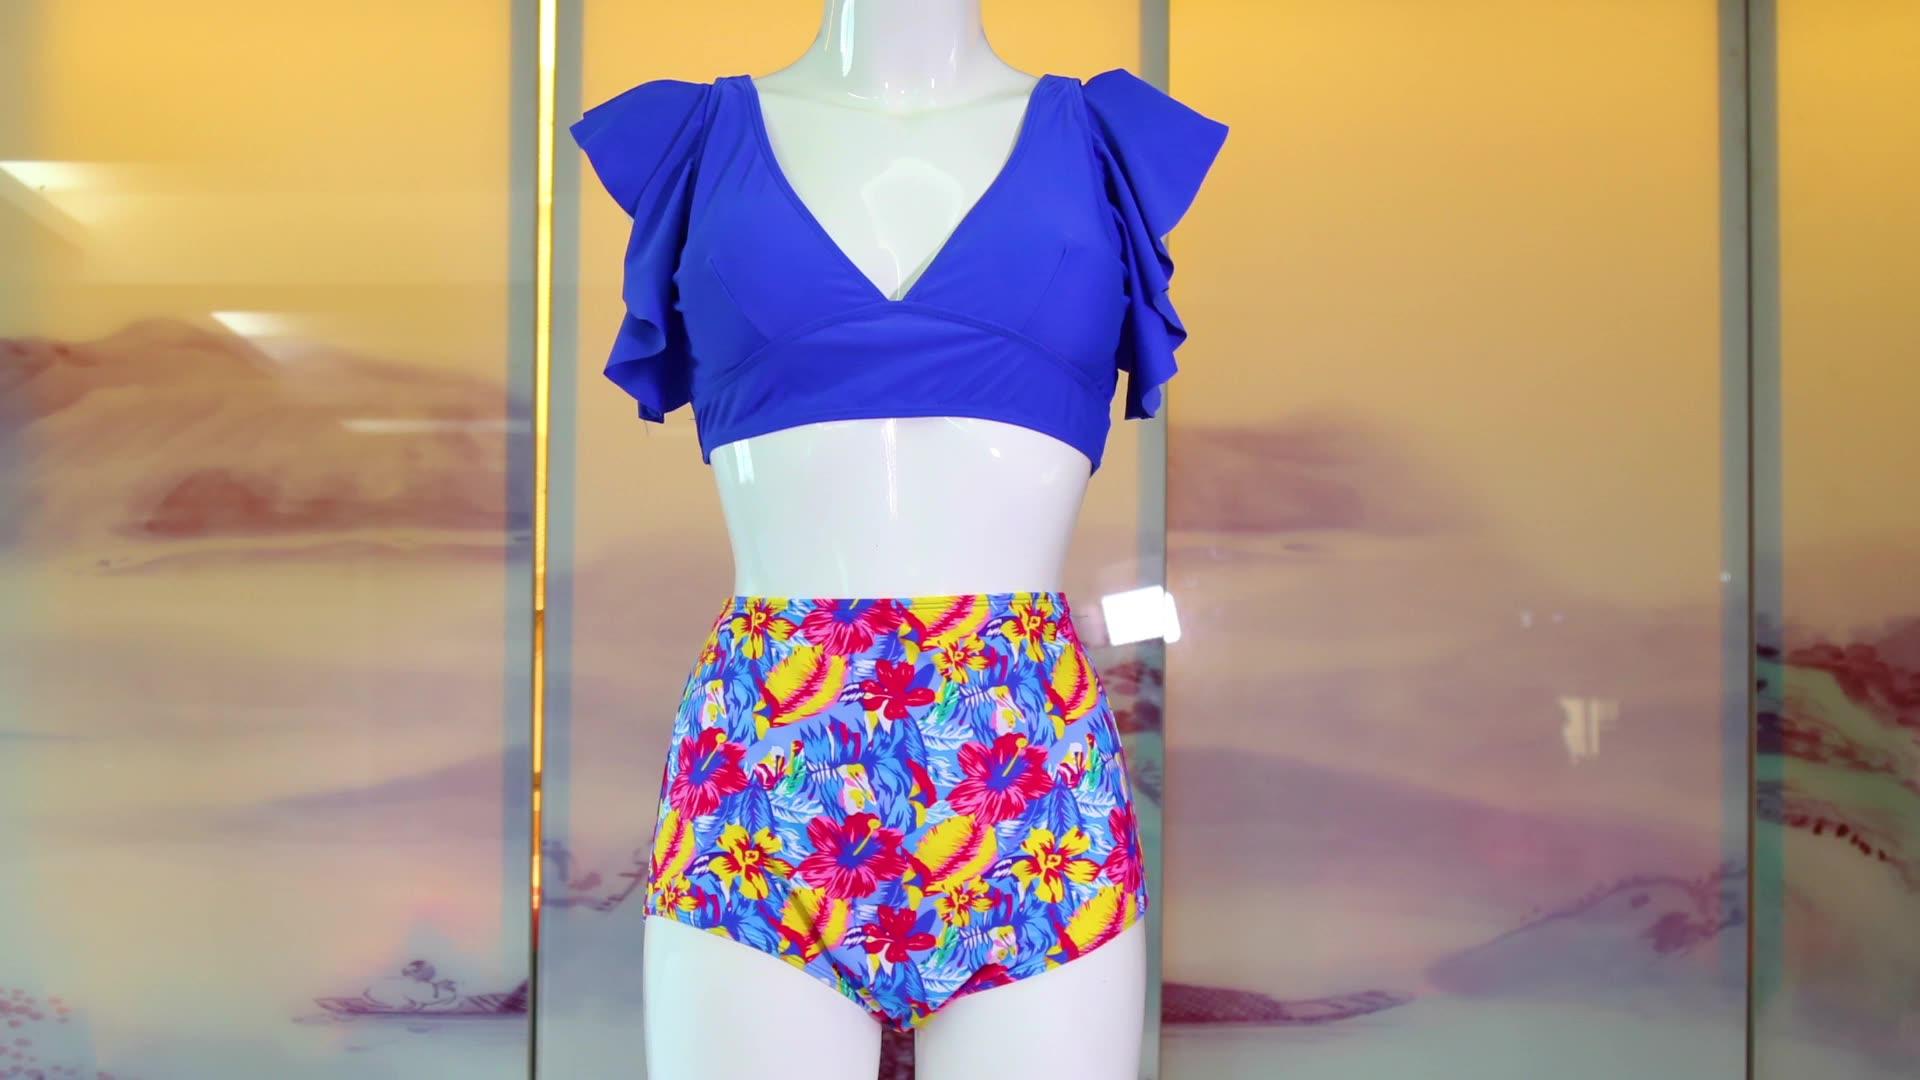 2020 di stampa Costumi Da Bagno Delle Donne del Bikini A Vita Alta Volant Costume Da Bagno Push Up Bikini Set Costume Da Bagno di usura Della Spiaggia Per La Ragazza Sexy bikini Set